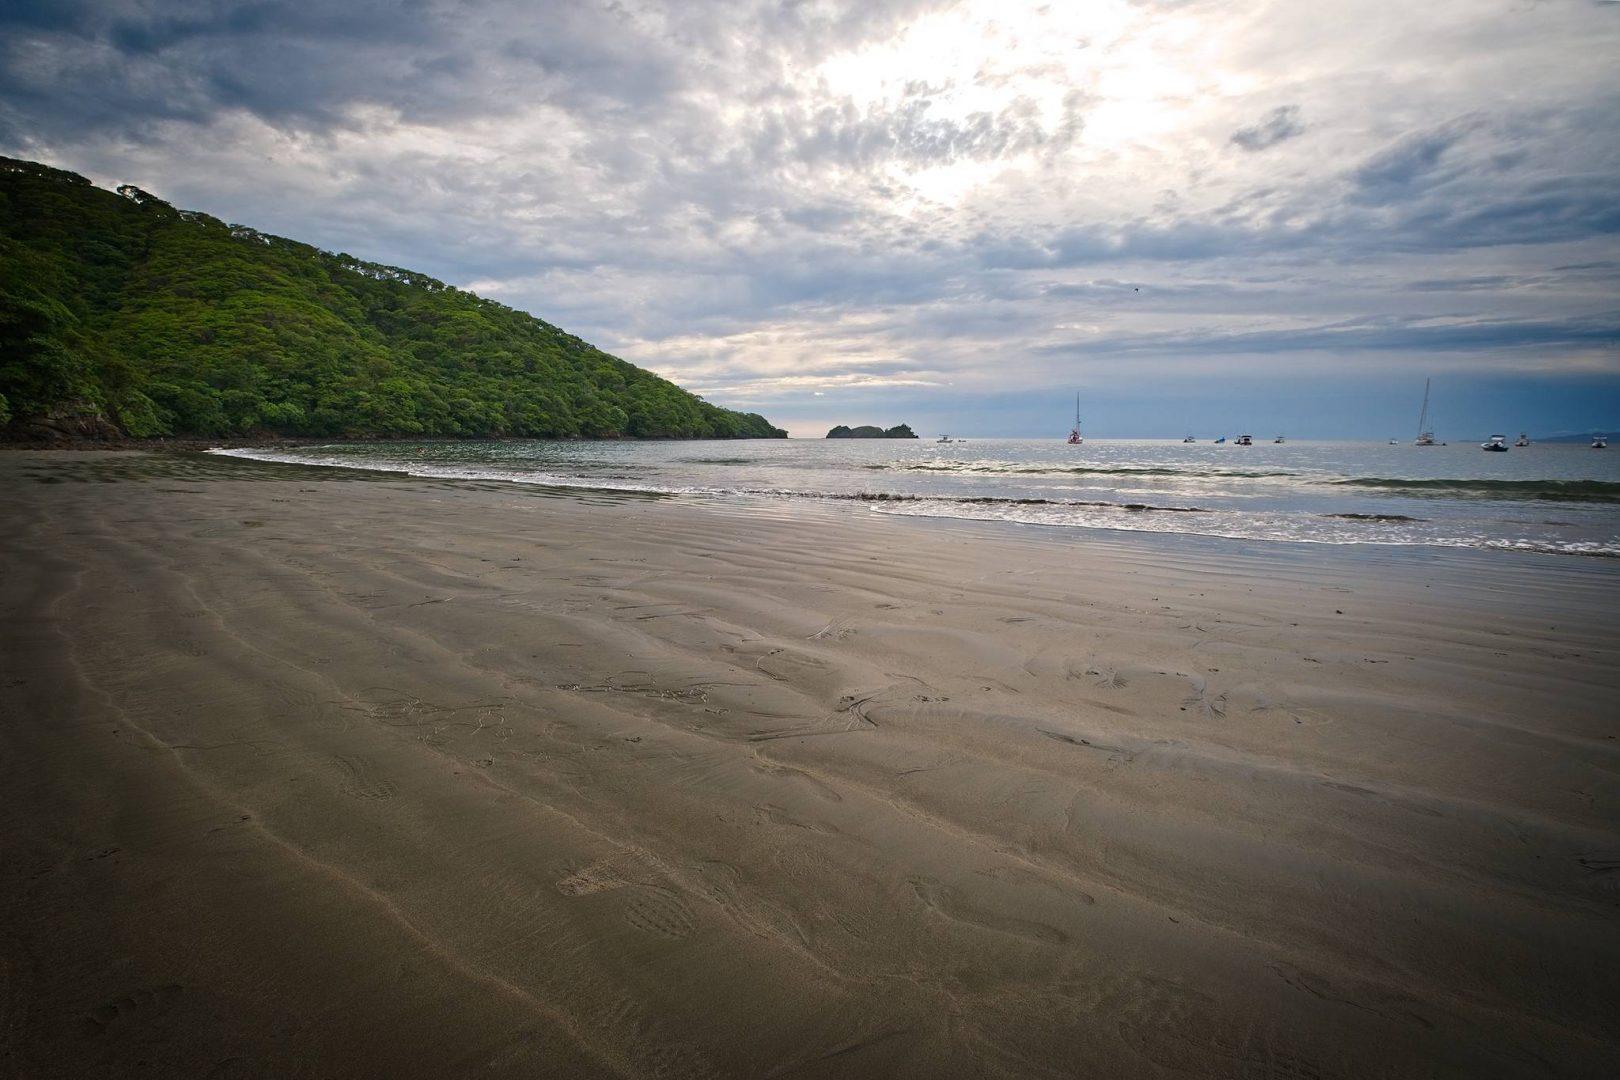 Playa Callejones